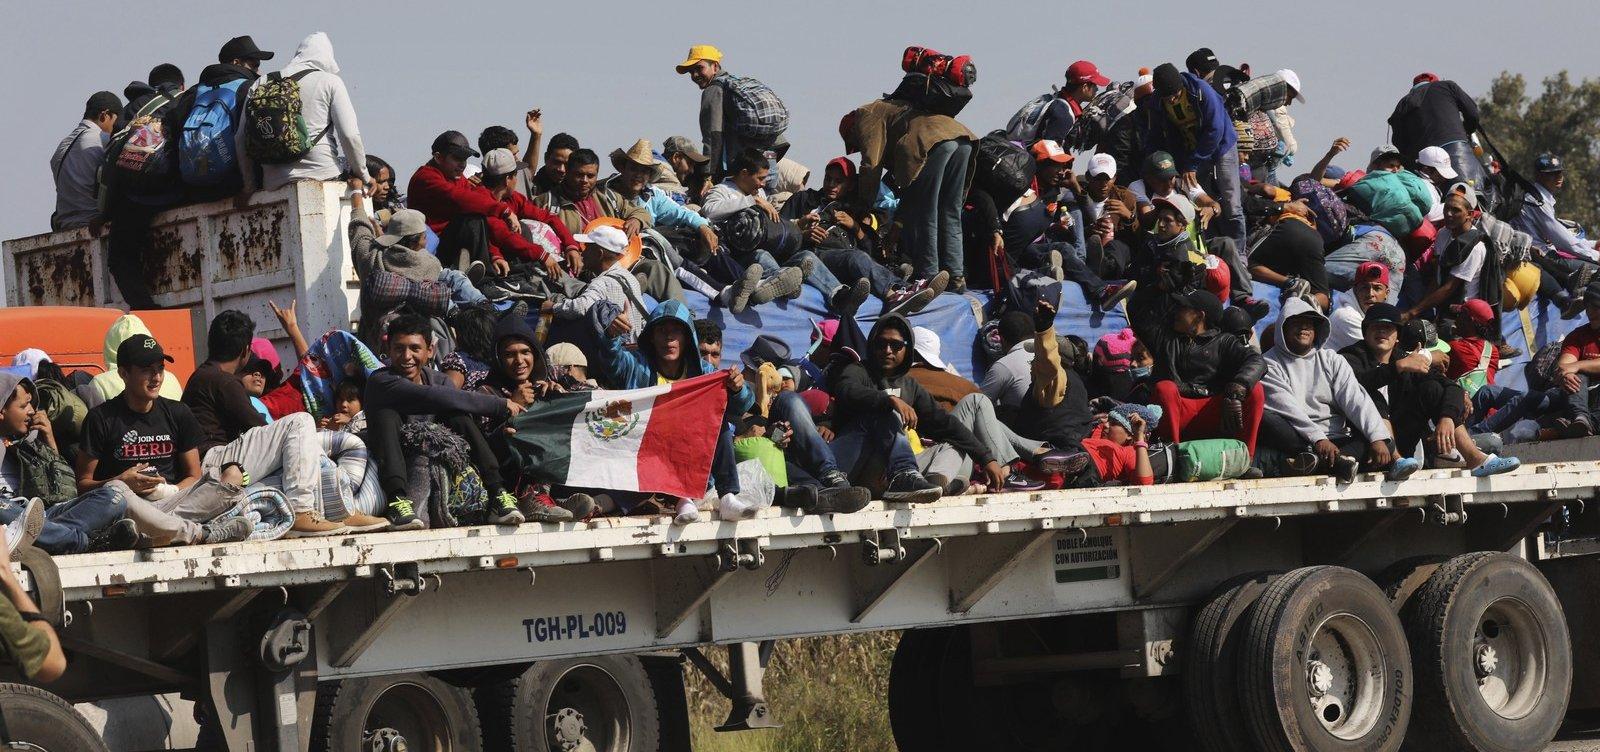 [Novo governo do México aceita mudança de política de fronteira com os EUA, diz jornal ]